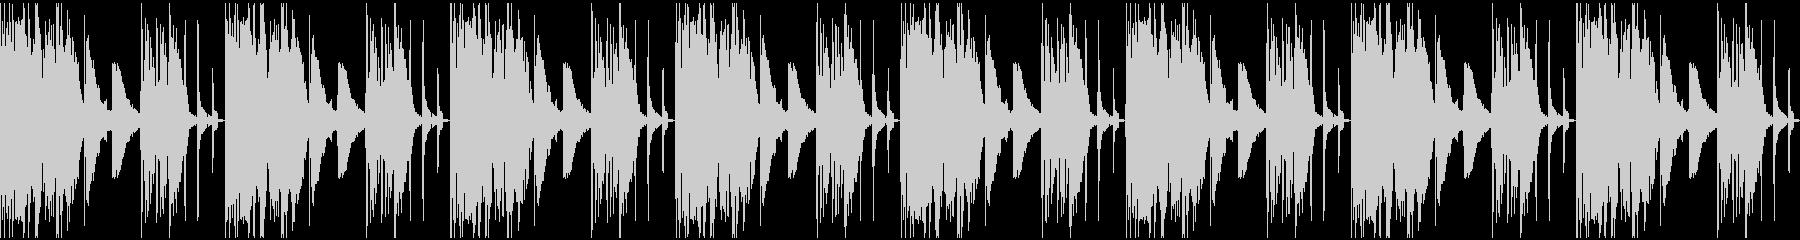 【エレクトロニカ】ロング4、ジングル1の未再生の波形